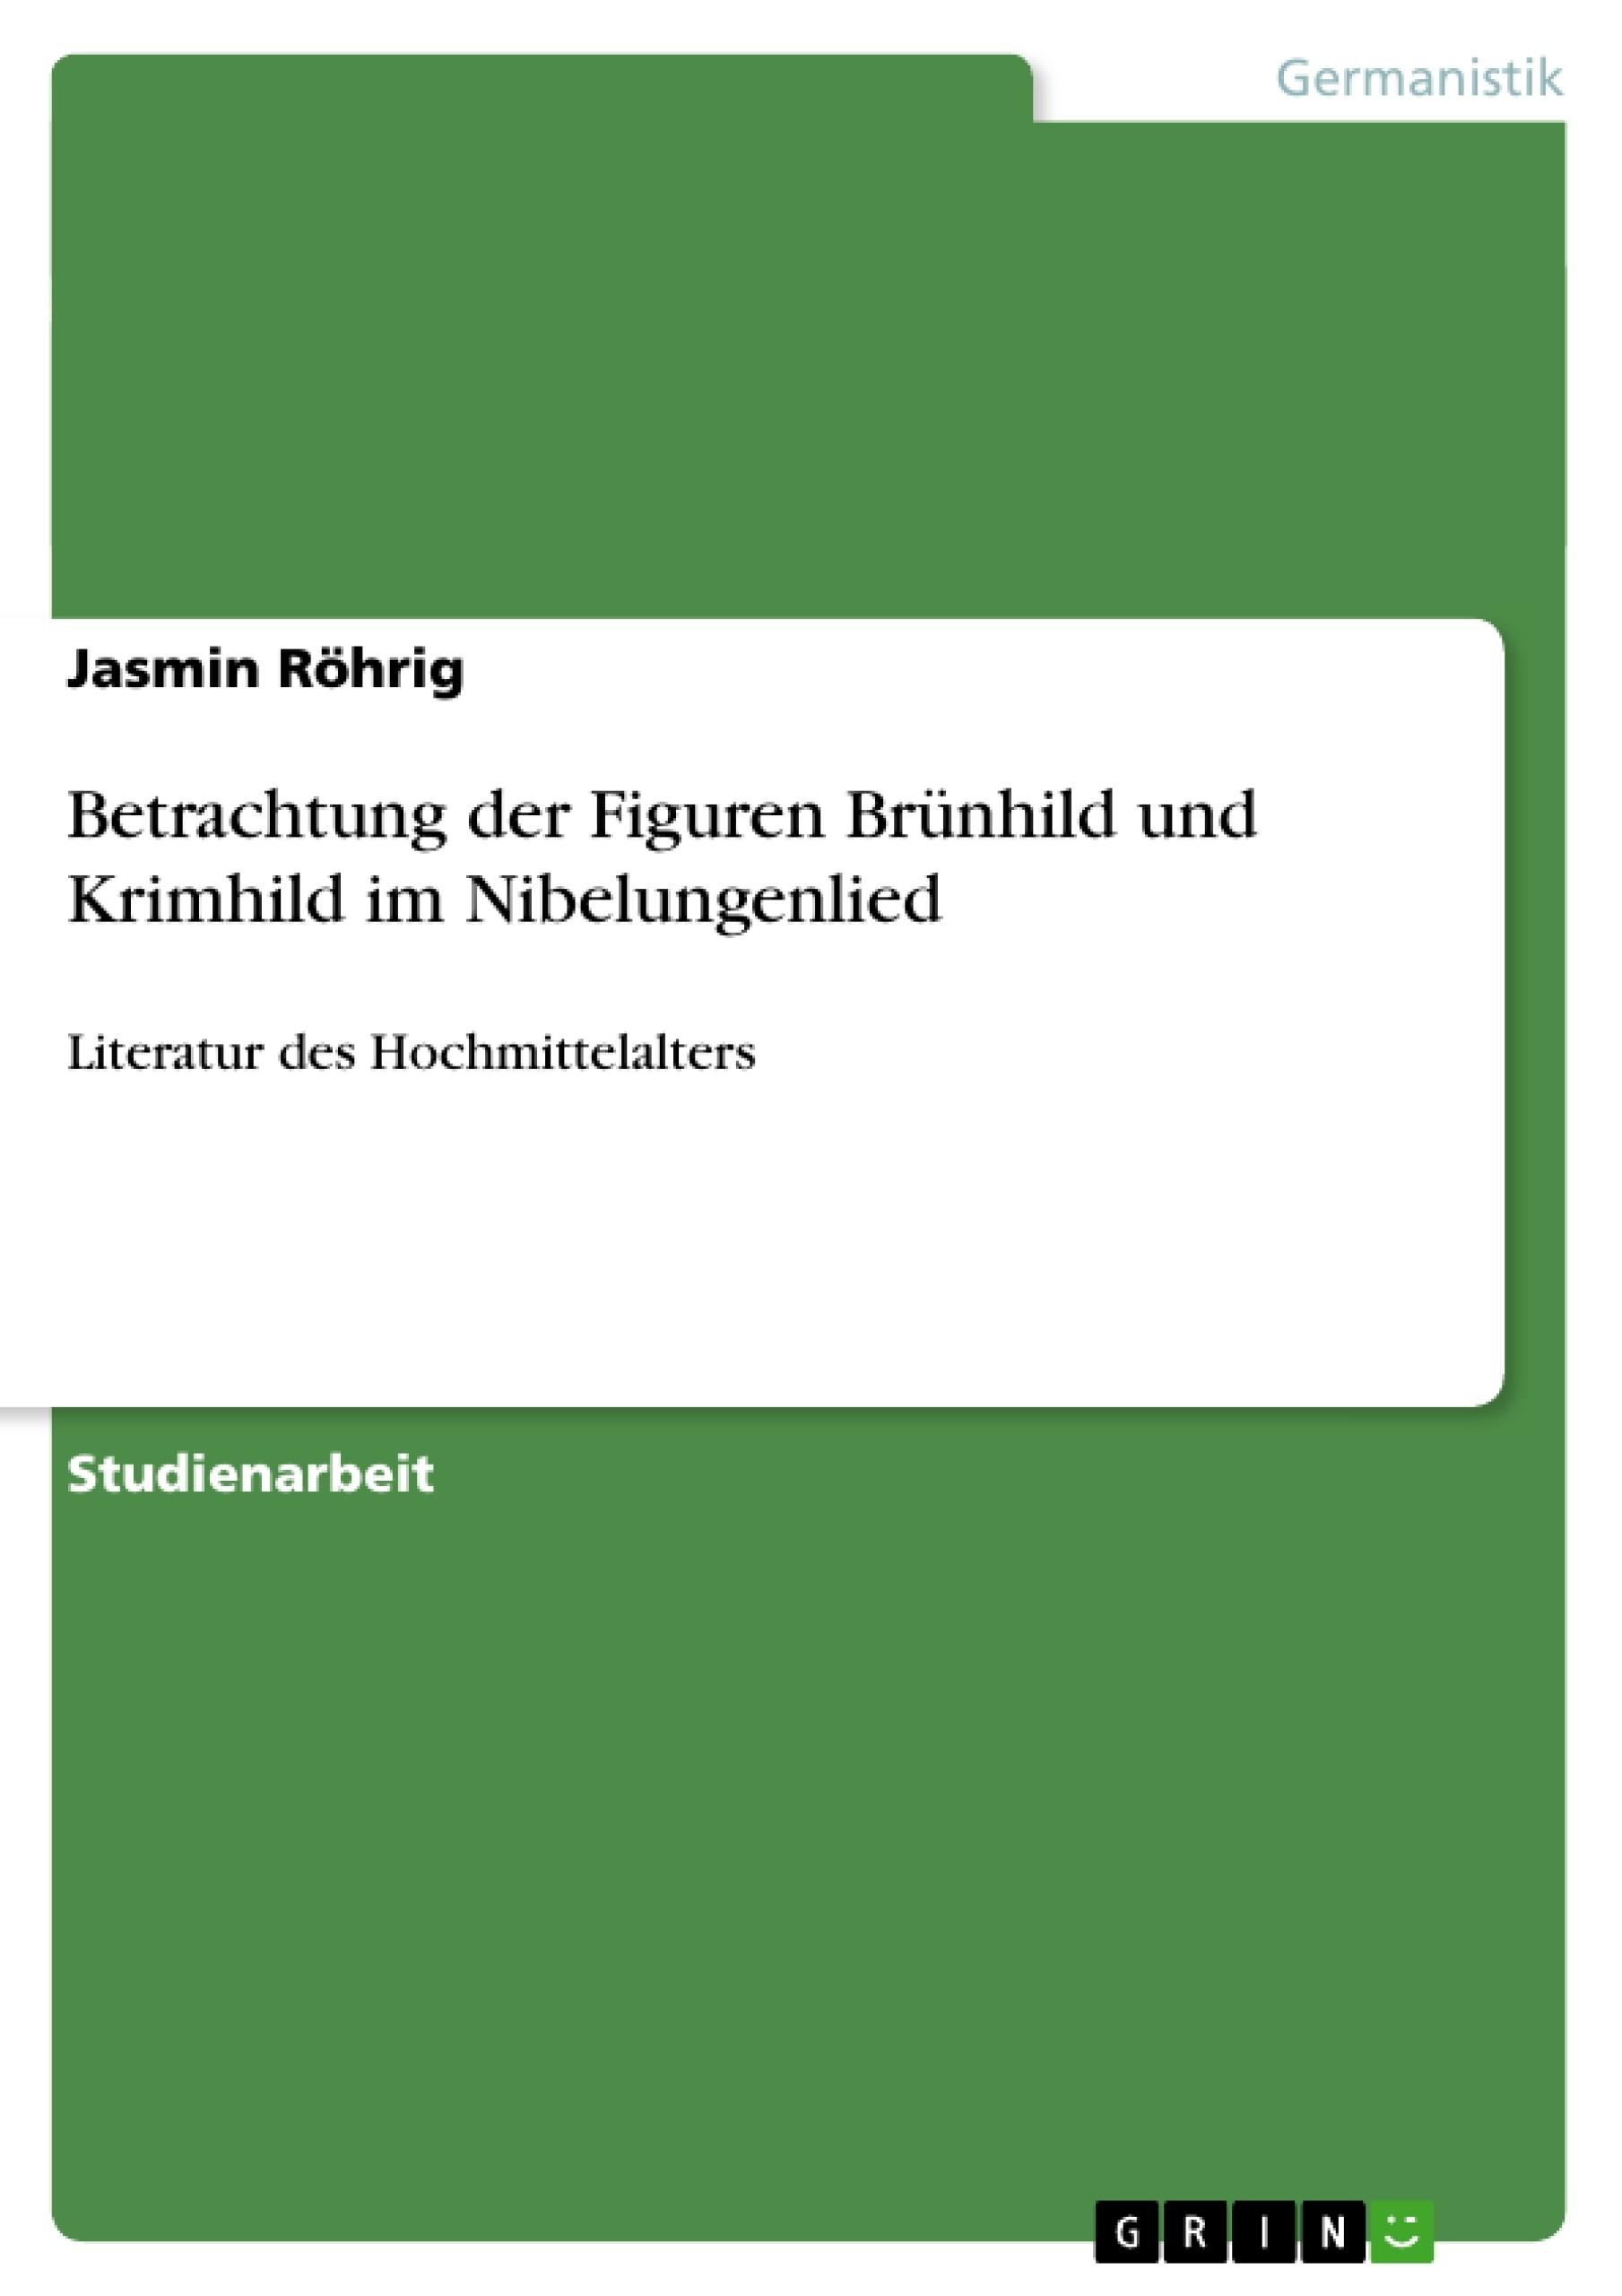 Titel: Betrachtung der Figuren Brünhild und Krimhild im Nibelungenlied